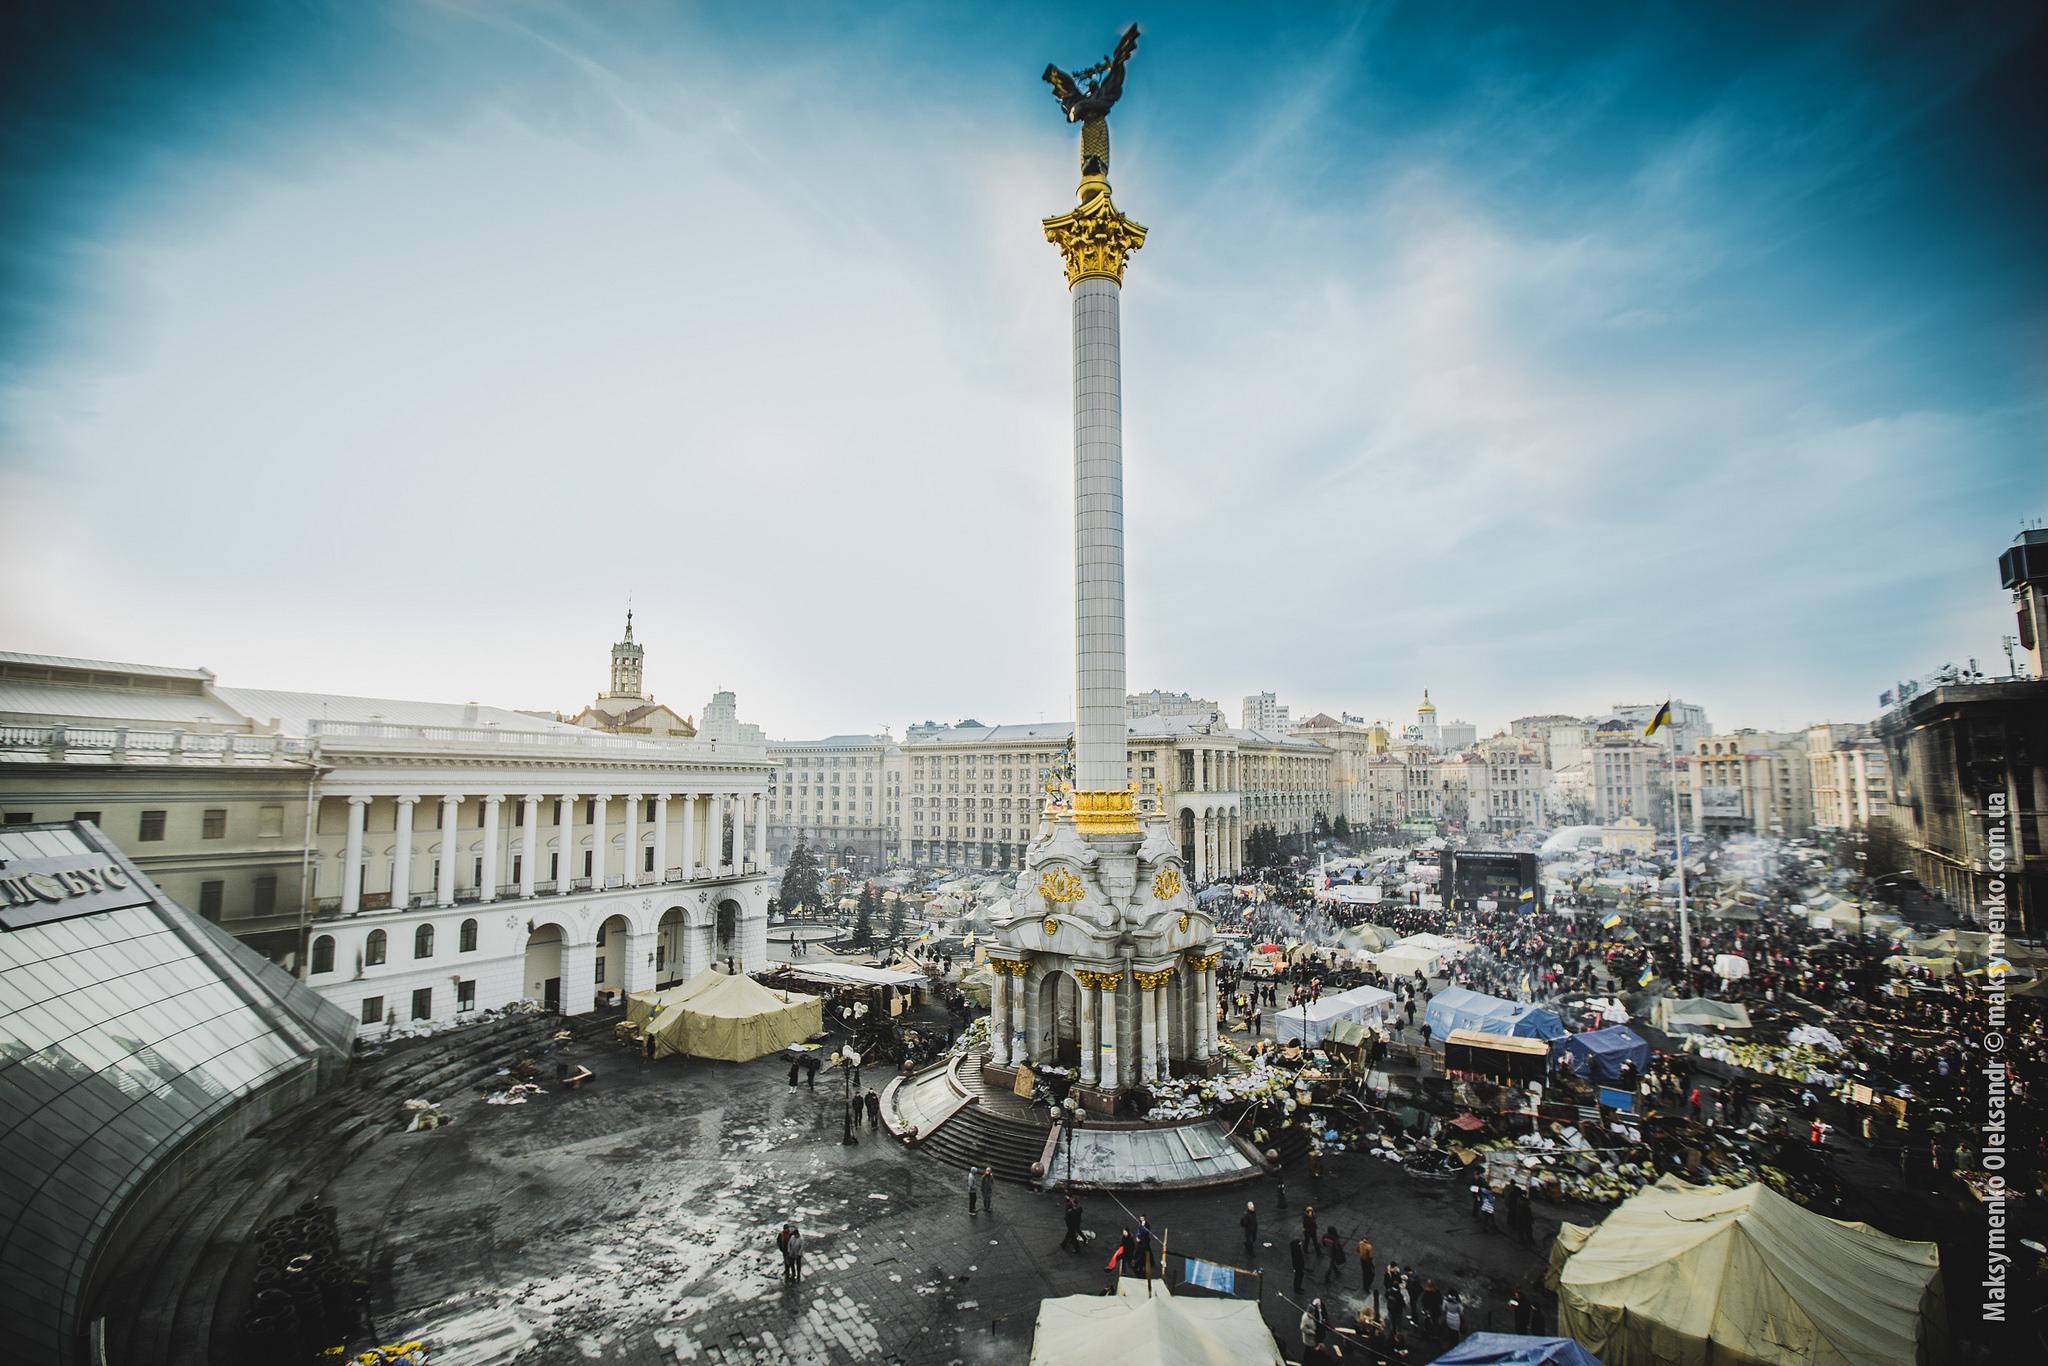 Bei den Antiregierungs-Protesten auf dam Maidan wurden nach Meinung des Internationalen Strafgerichtshofs keine Verbrechen gegen die Menschlichkeit verübt.